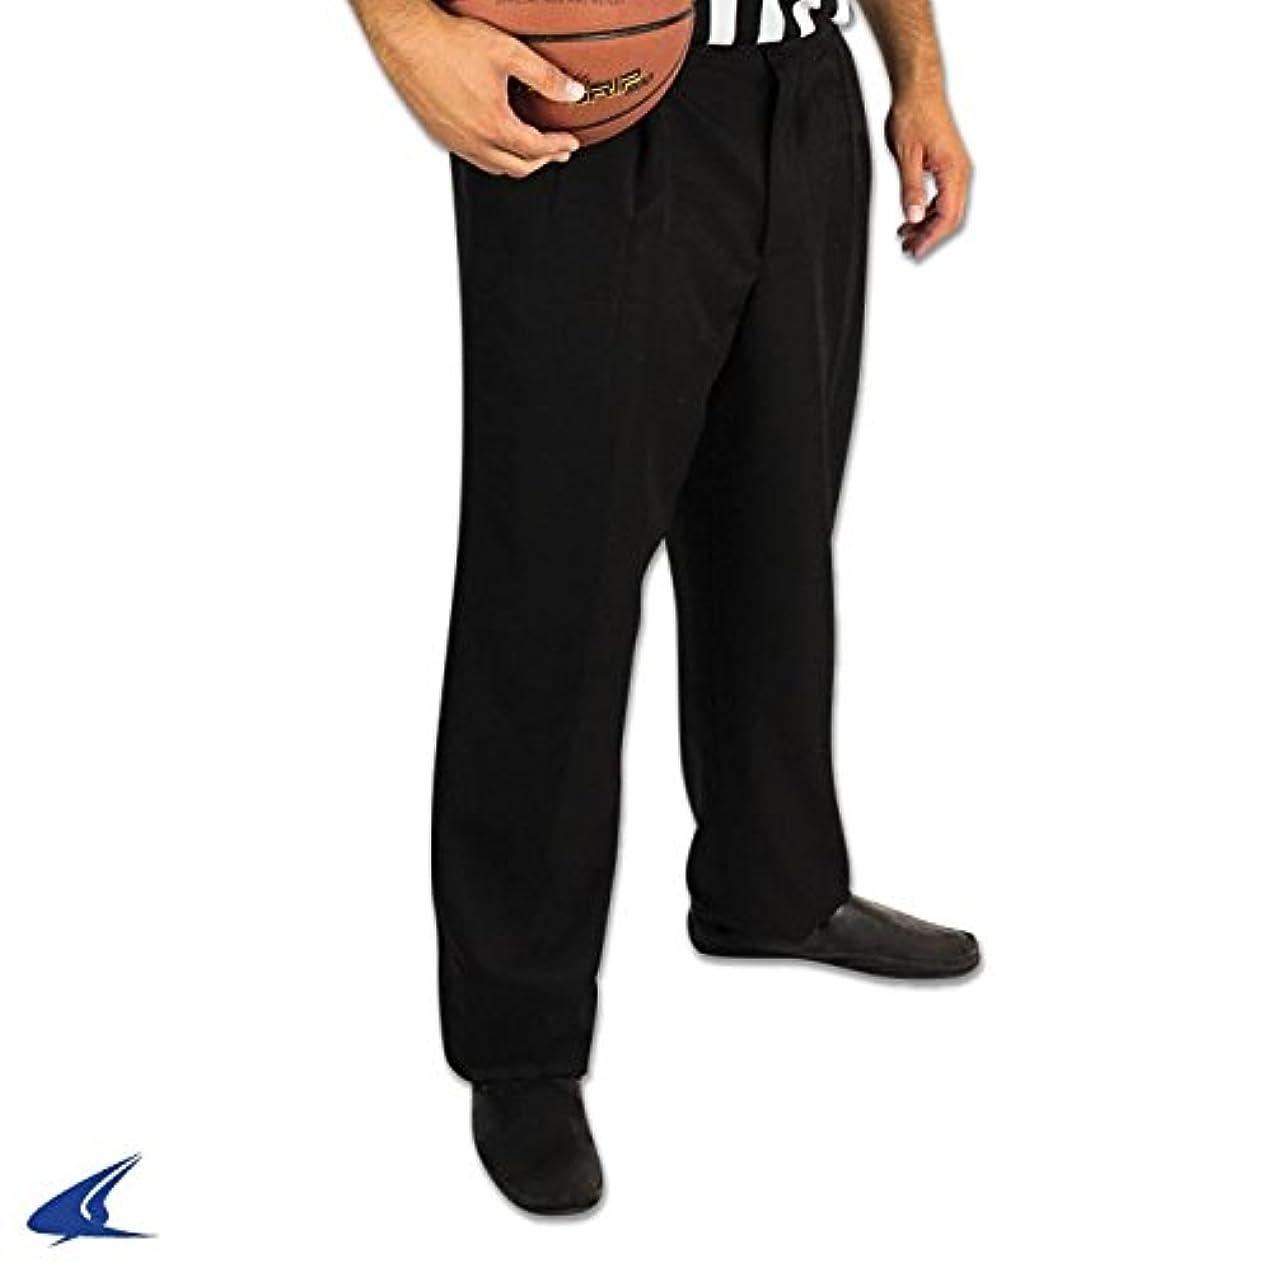 推定する動揺させる置き場大人用バスケットボールレフェリーパンツ?–?40?